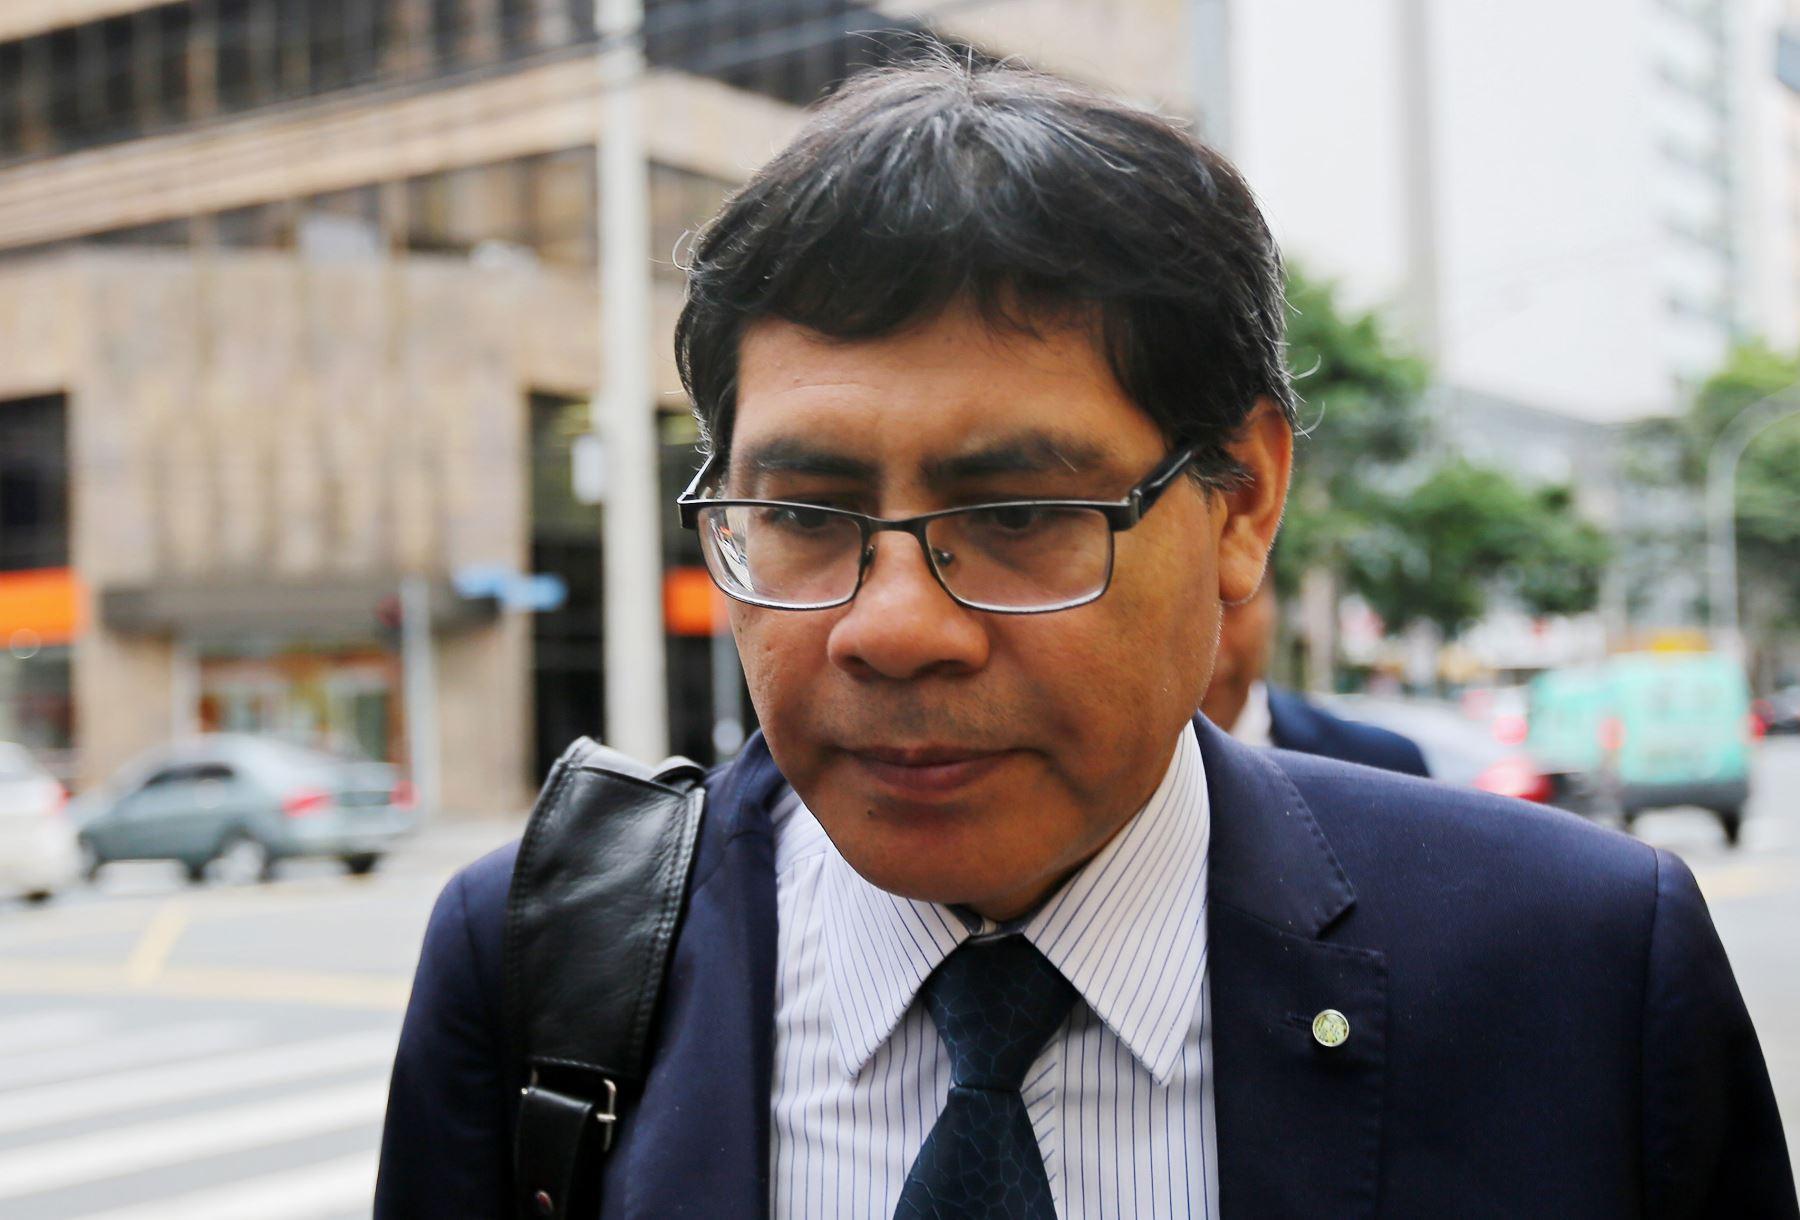 El fiscal peruano Germán Juárez llega al Ministerio Público Federal en Curitiba, Brasil. Foto: AFP